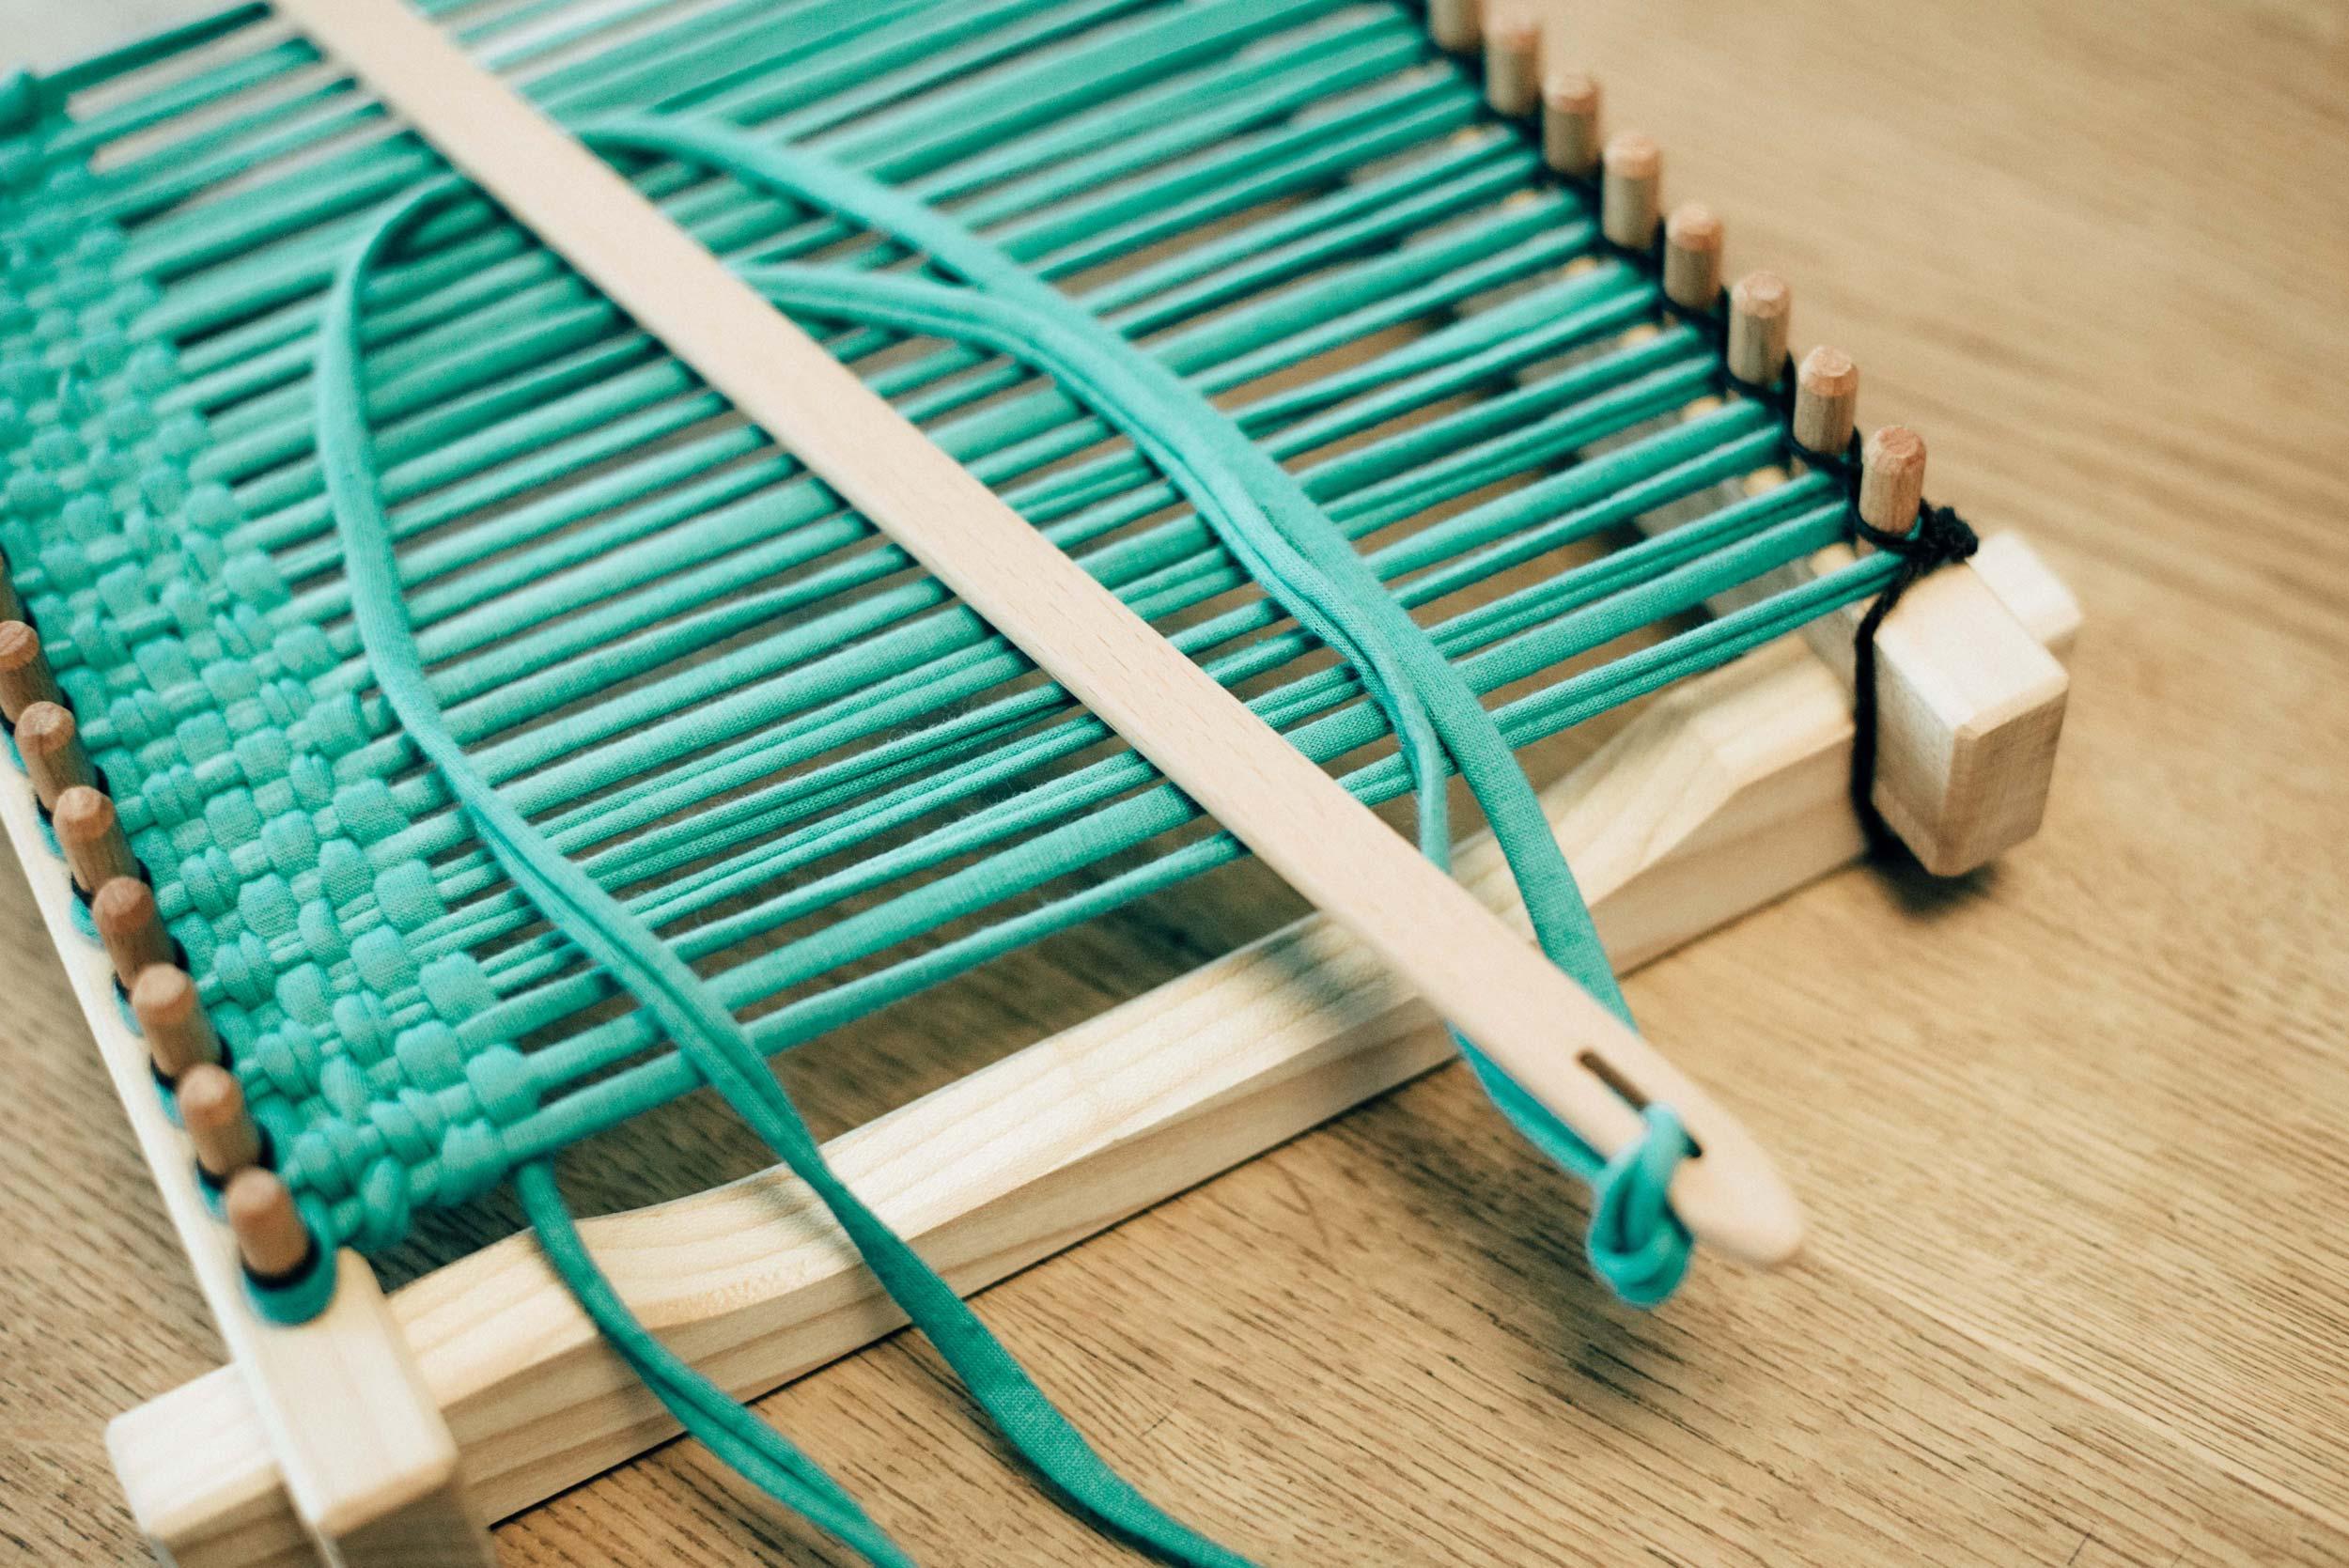 Métier à tisser  pour de la très grosse laine ou des bandes de coton.